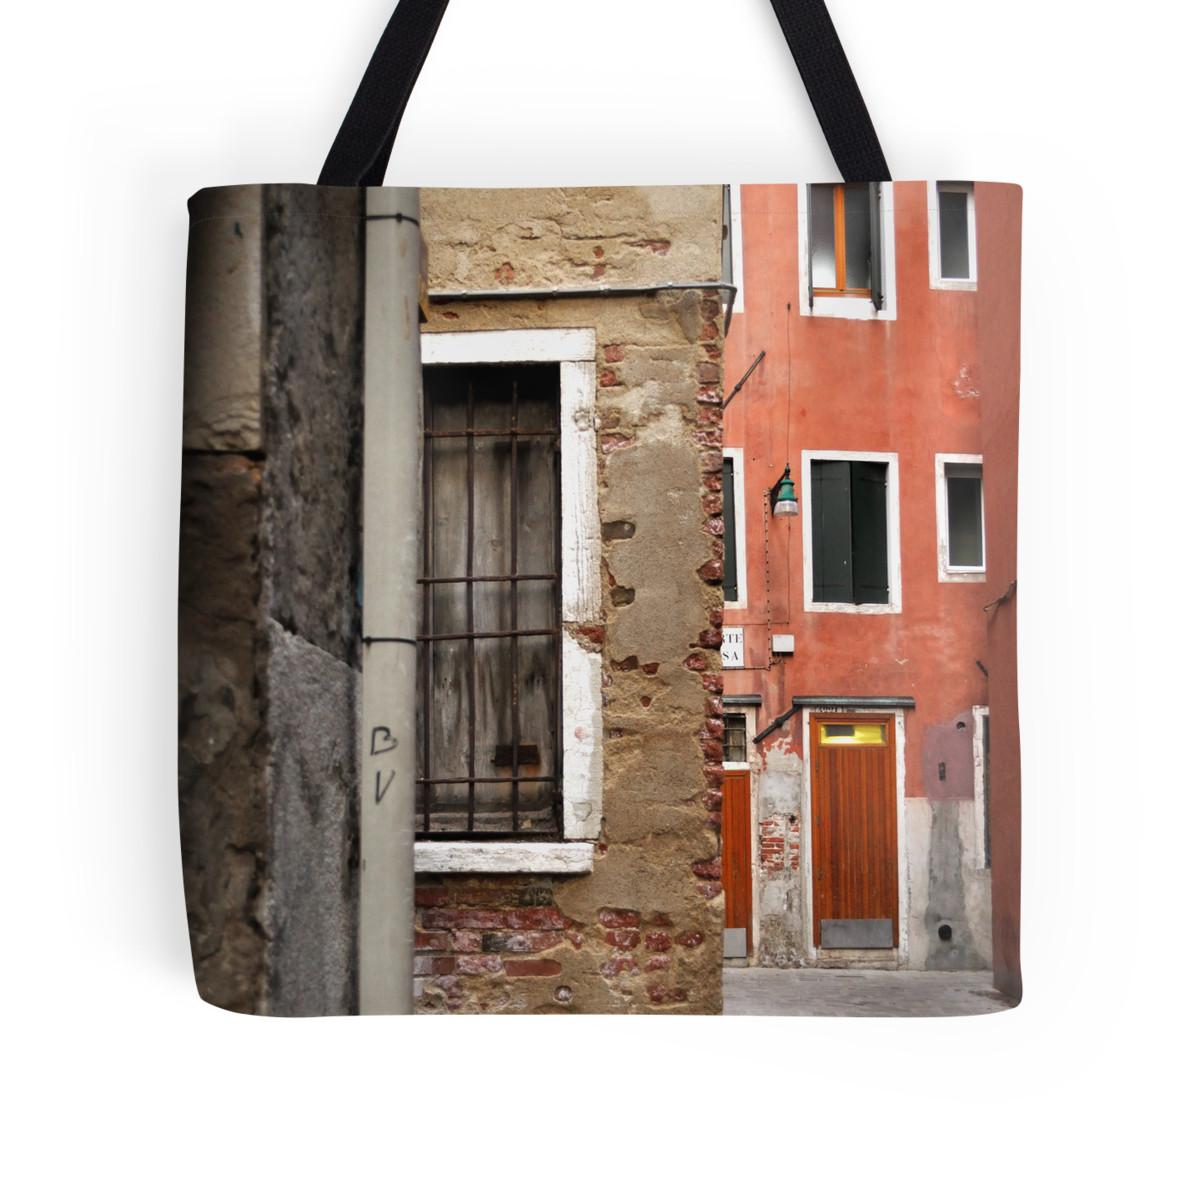 A Small Corner of Venice